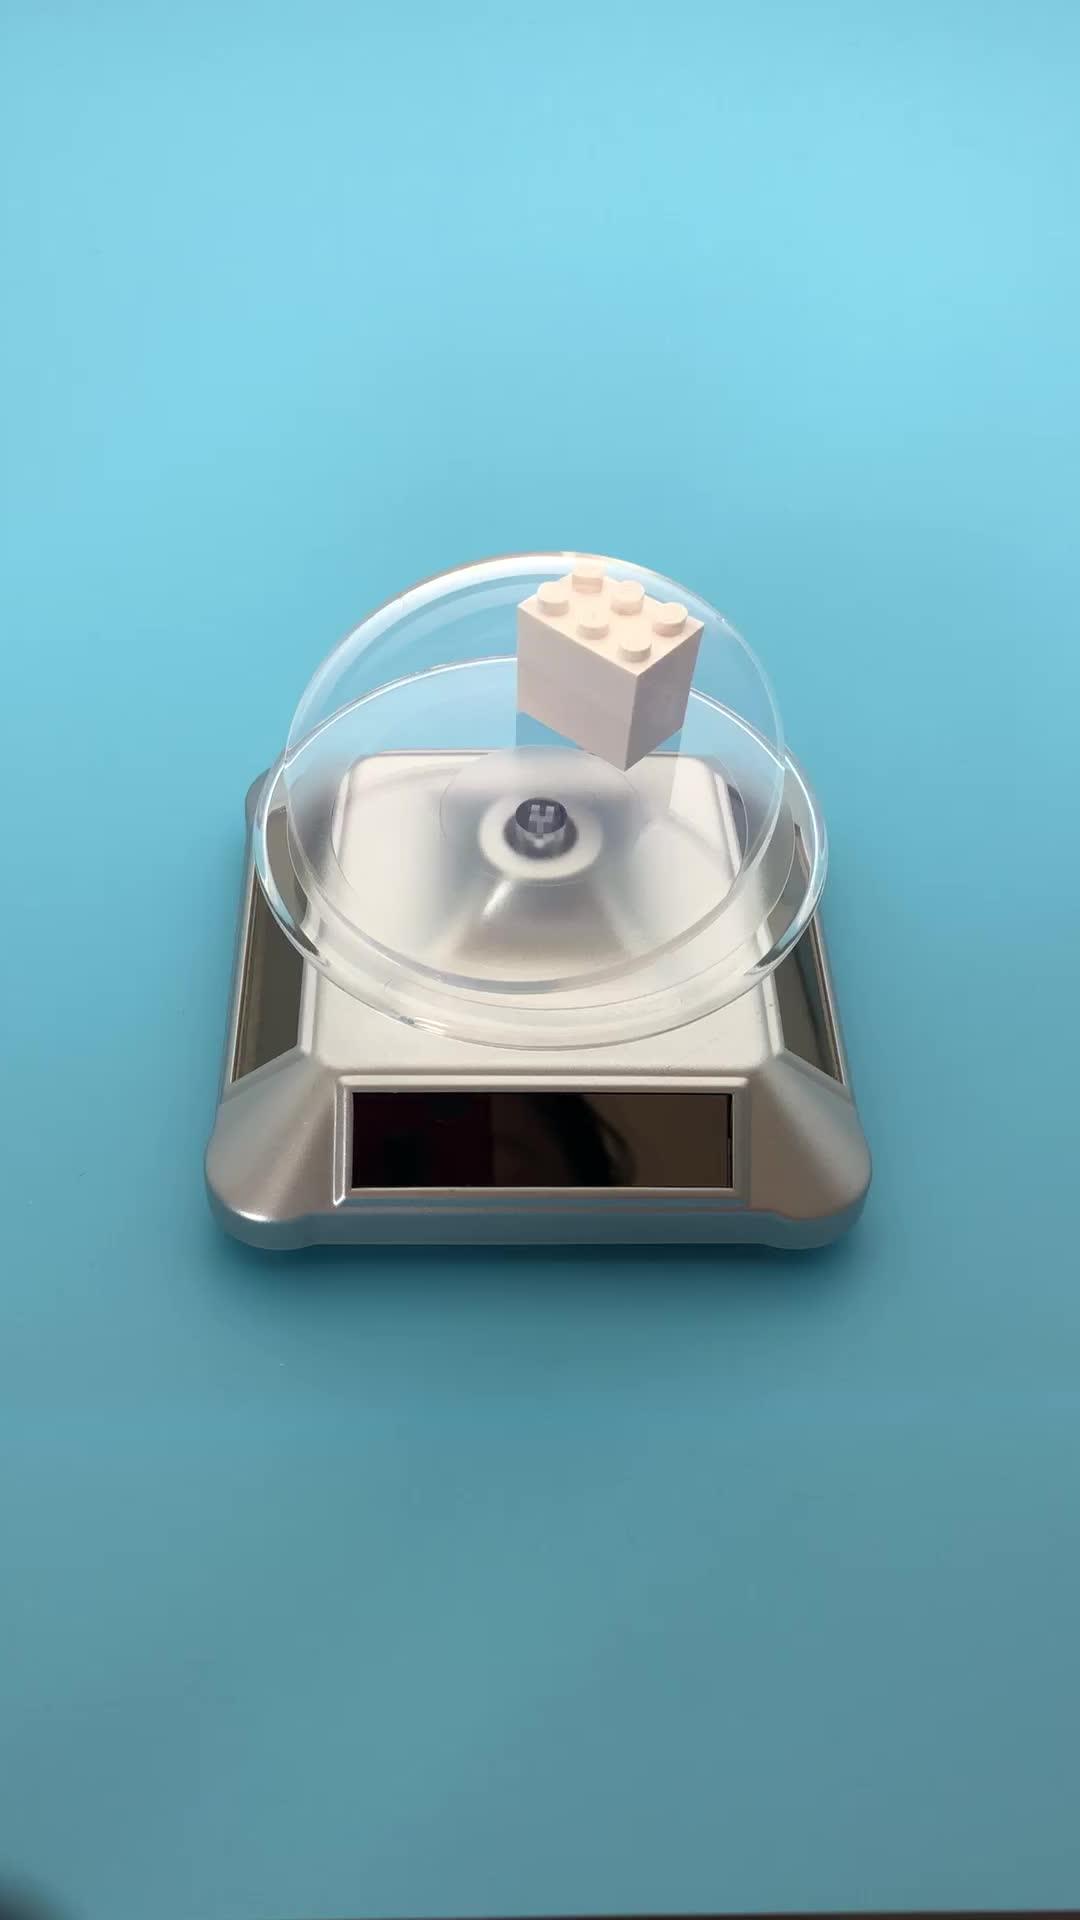 신뢰할 수있는 1.59 인덱스 pc 플랫/라운드 pgx hc/hmc 폴리 카보네이트 렌즈